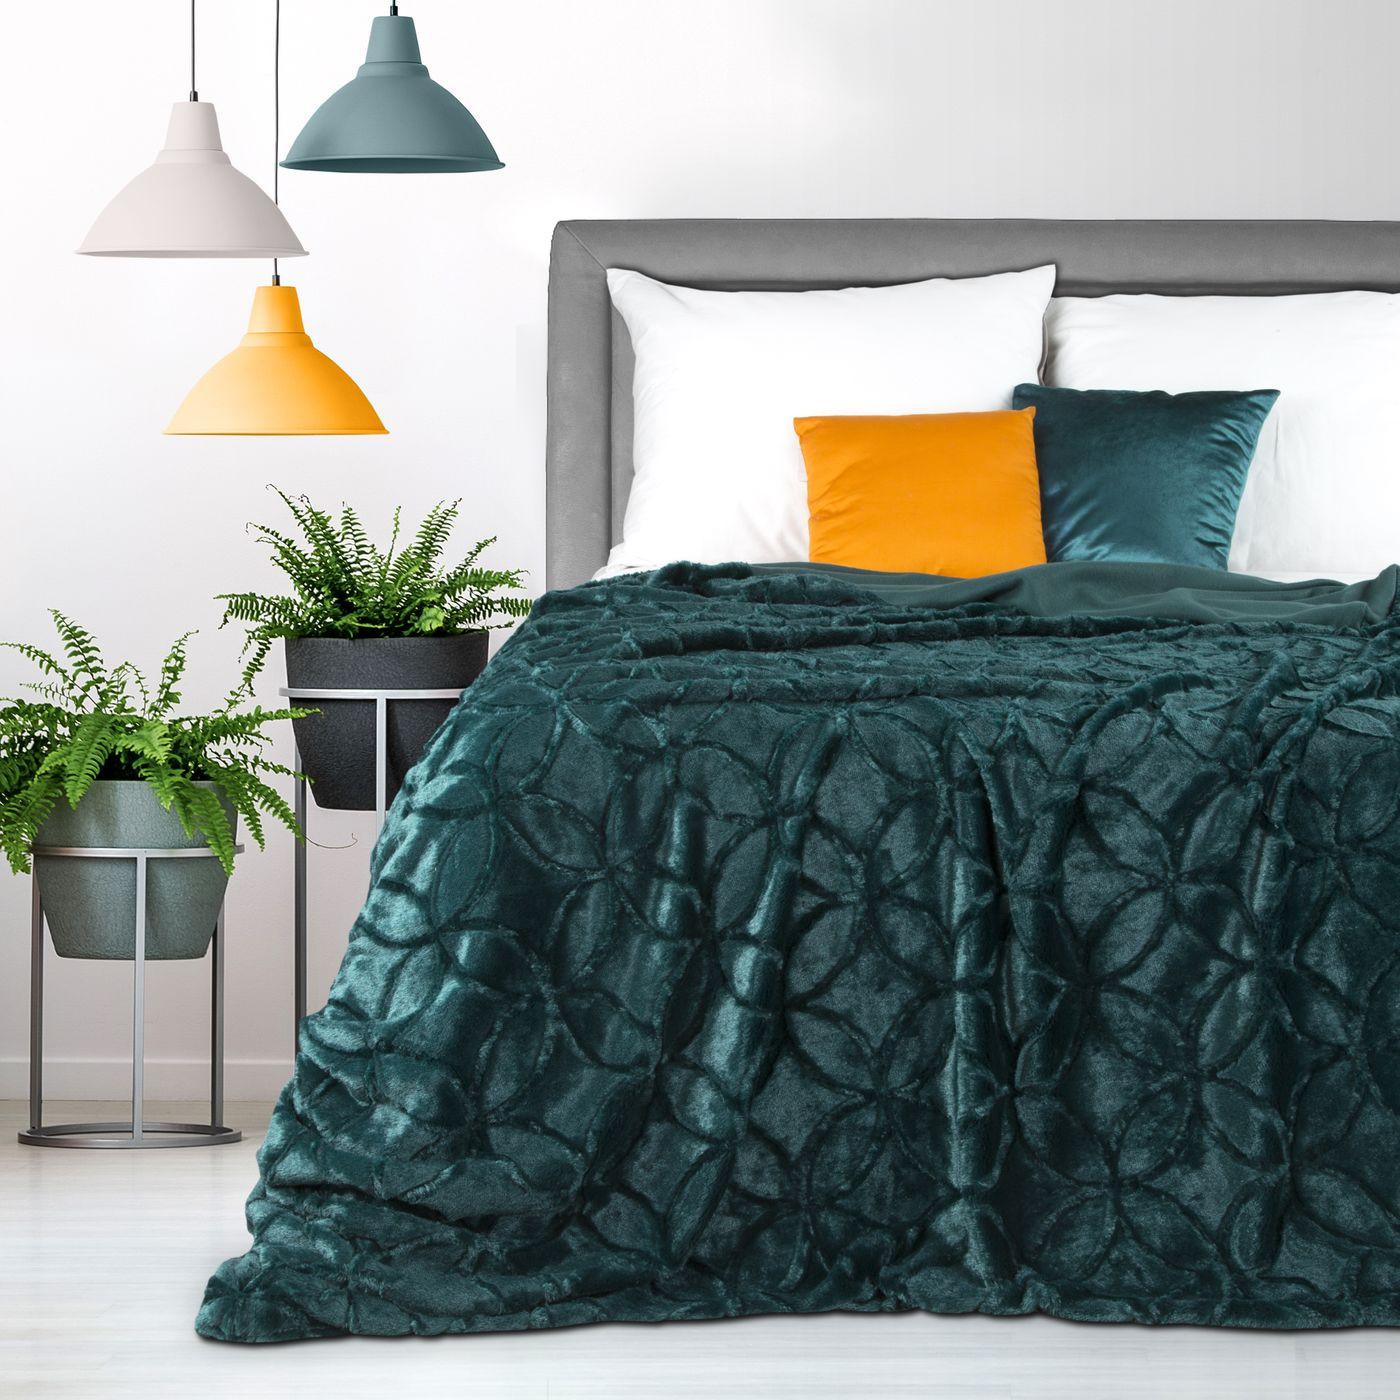 Narzuta futerko na łóżko ciemny turkus 170x210 cm